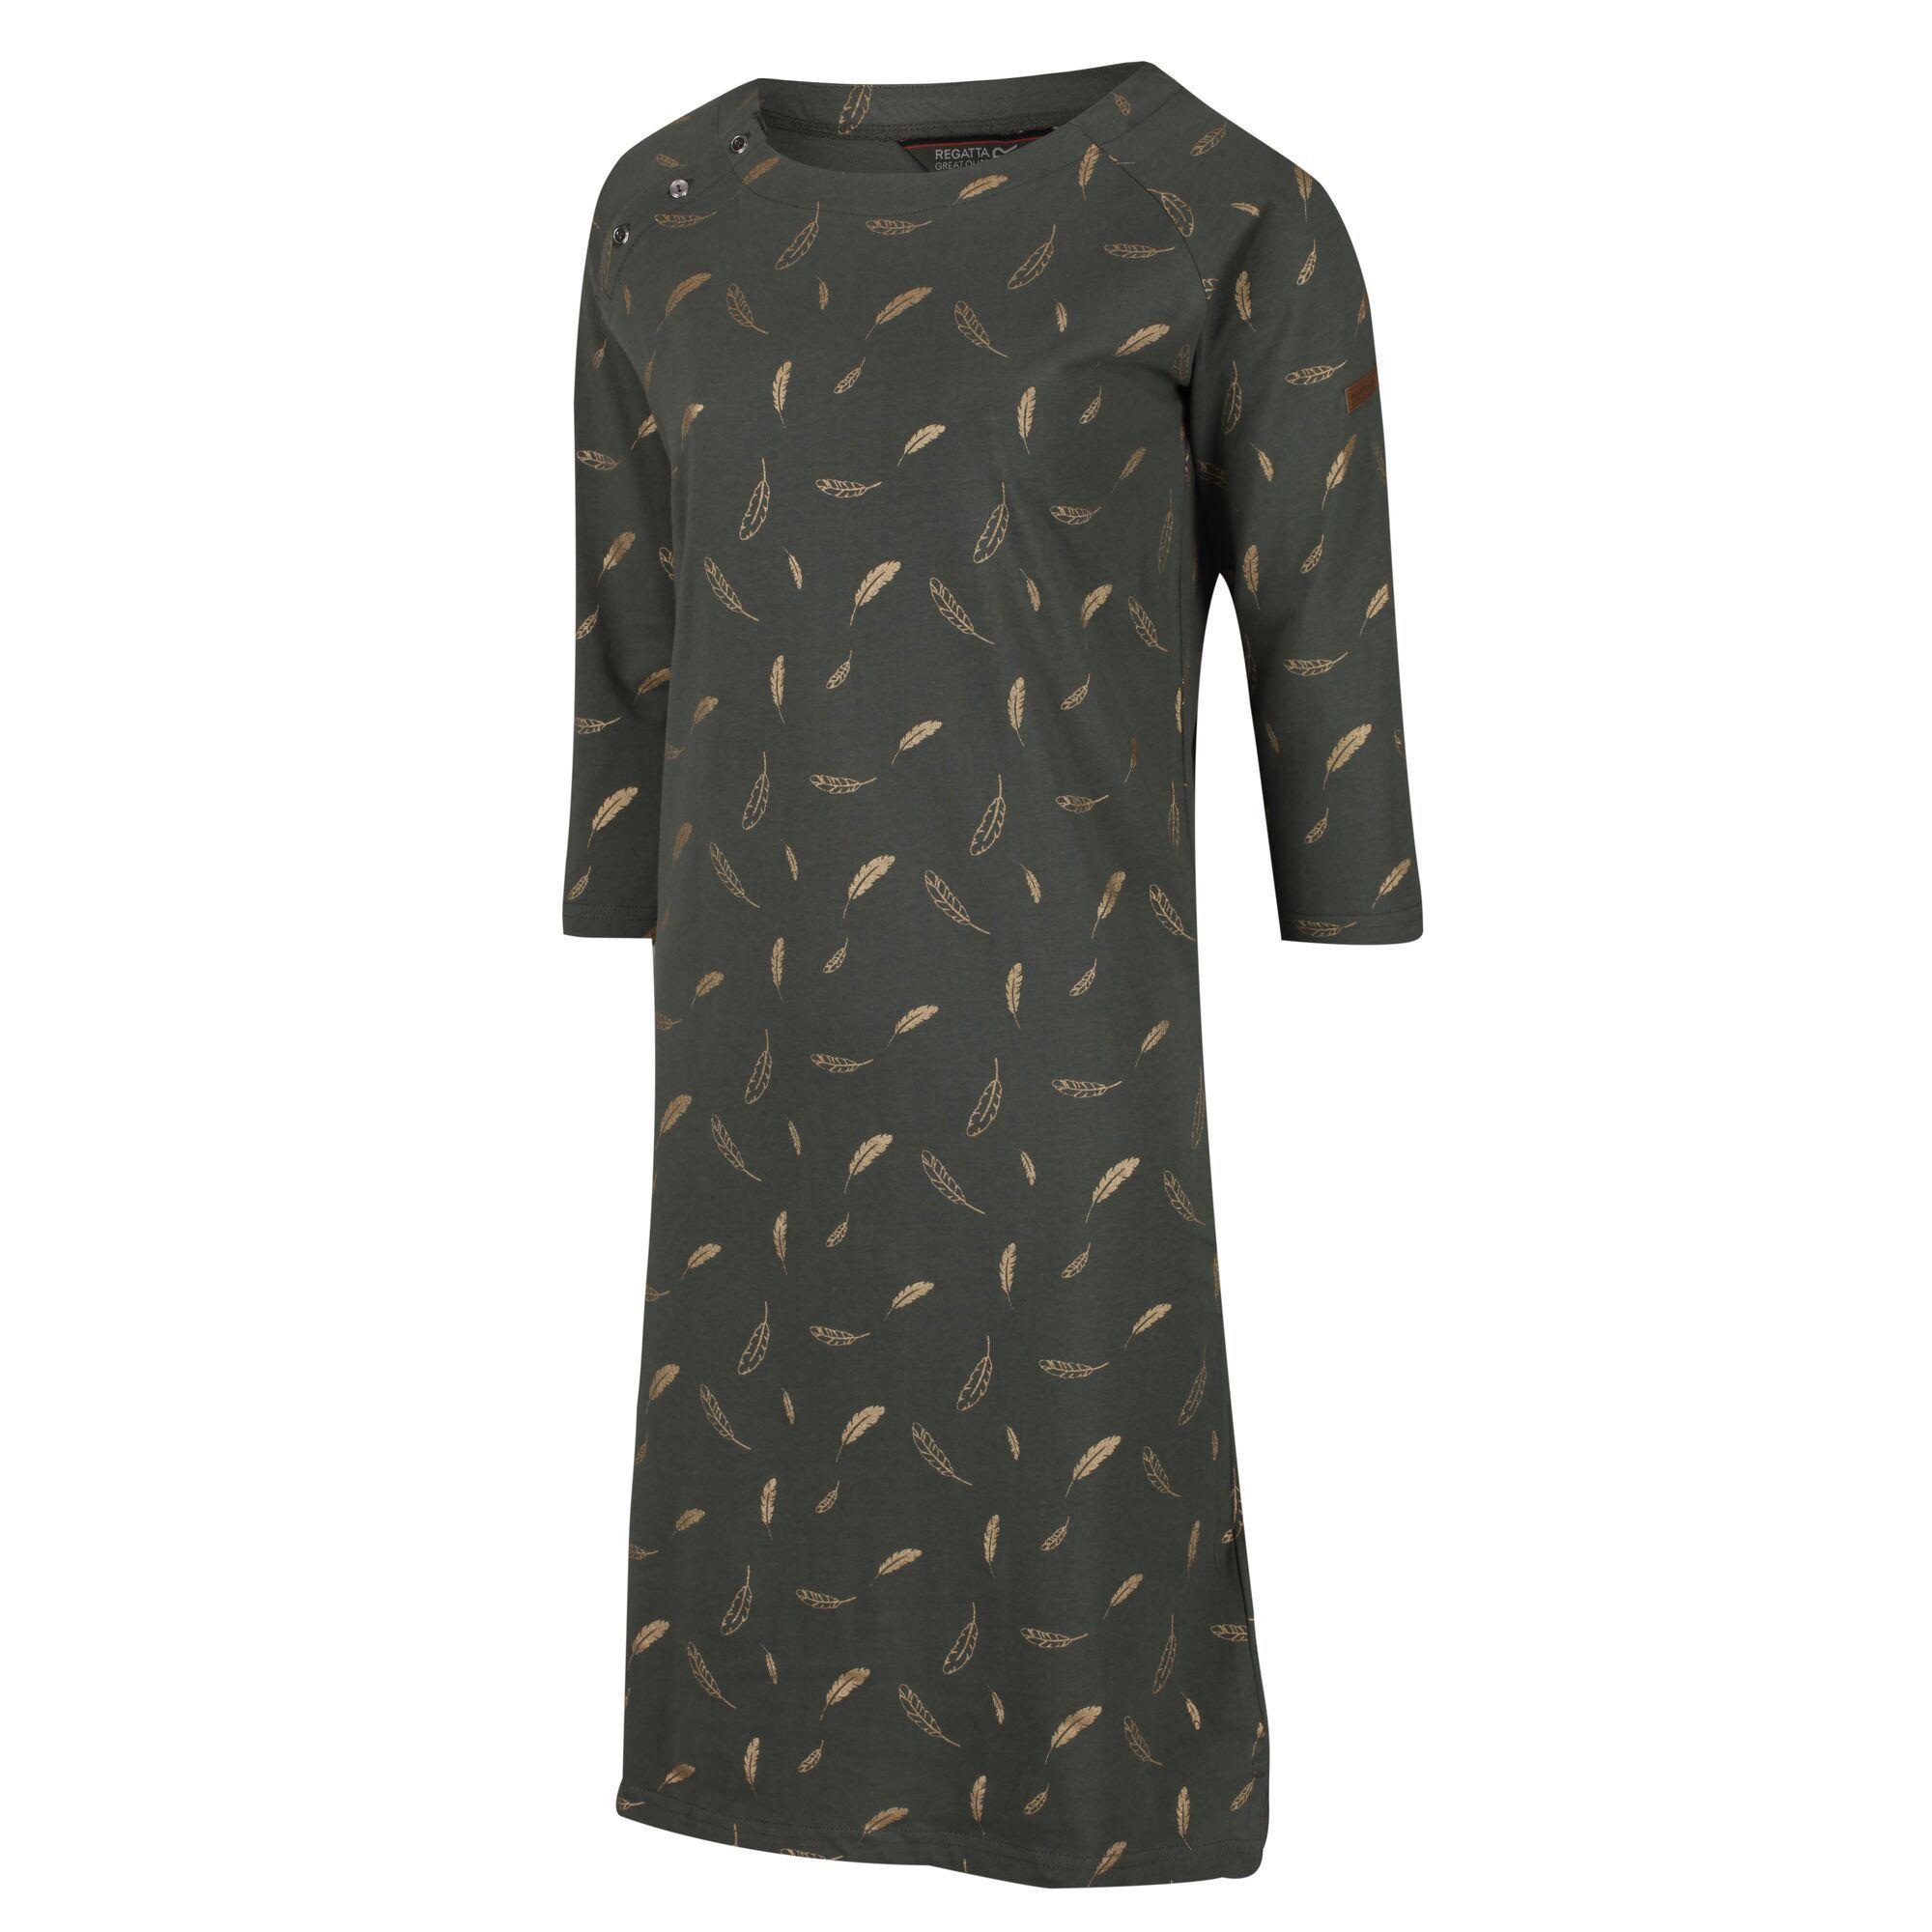 Regatta Womens/Ladies Hatsy Printed Dress